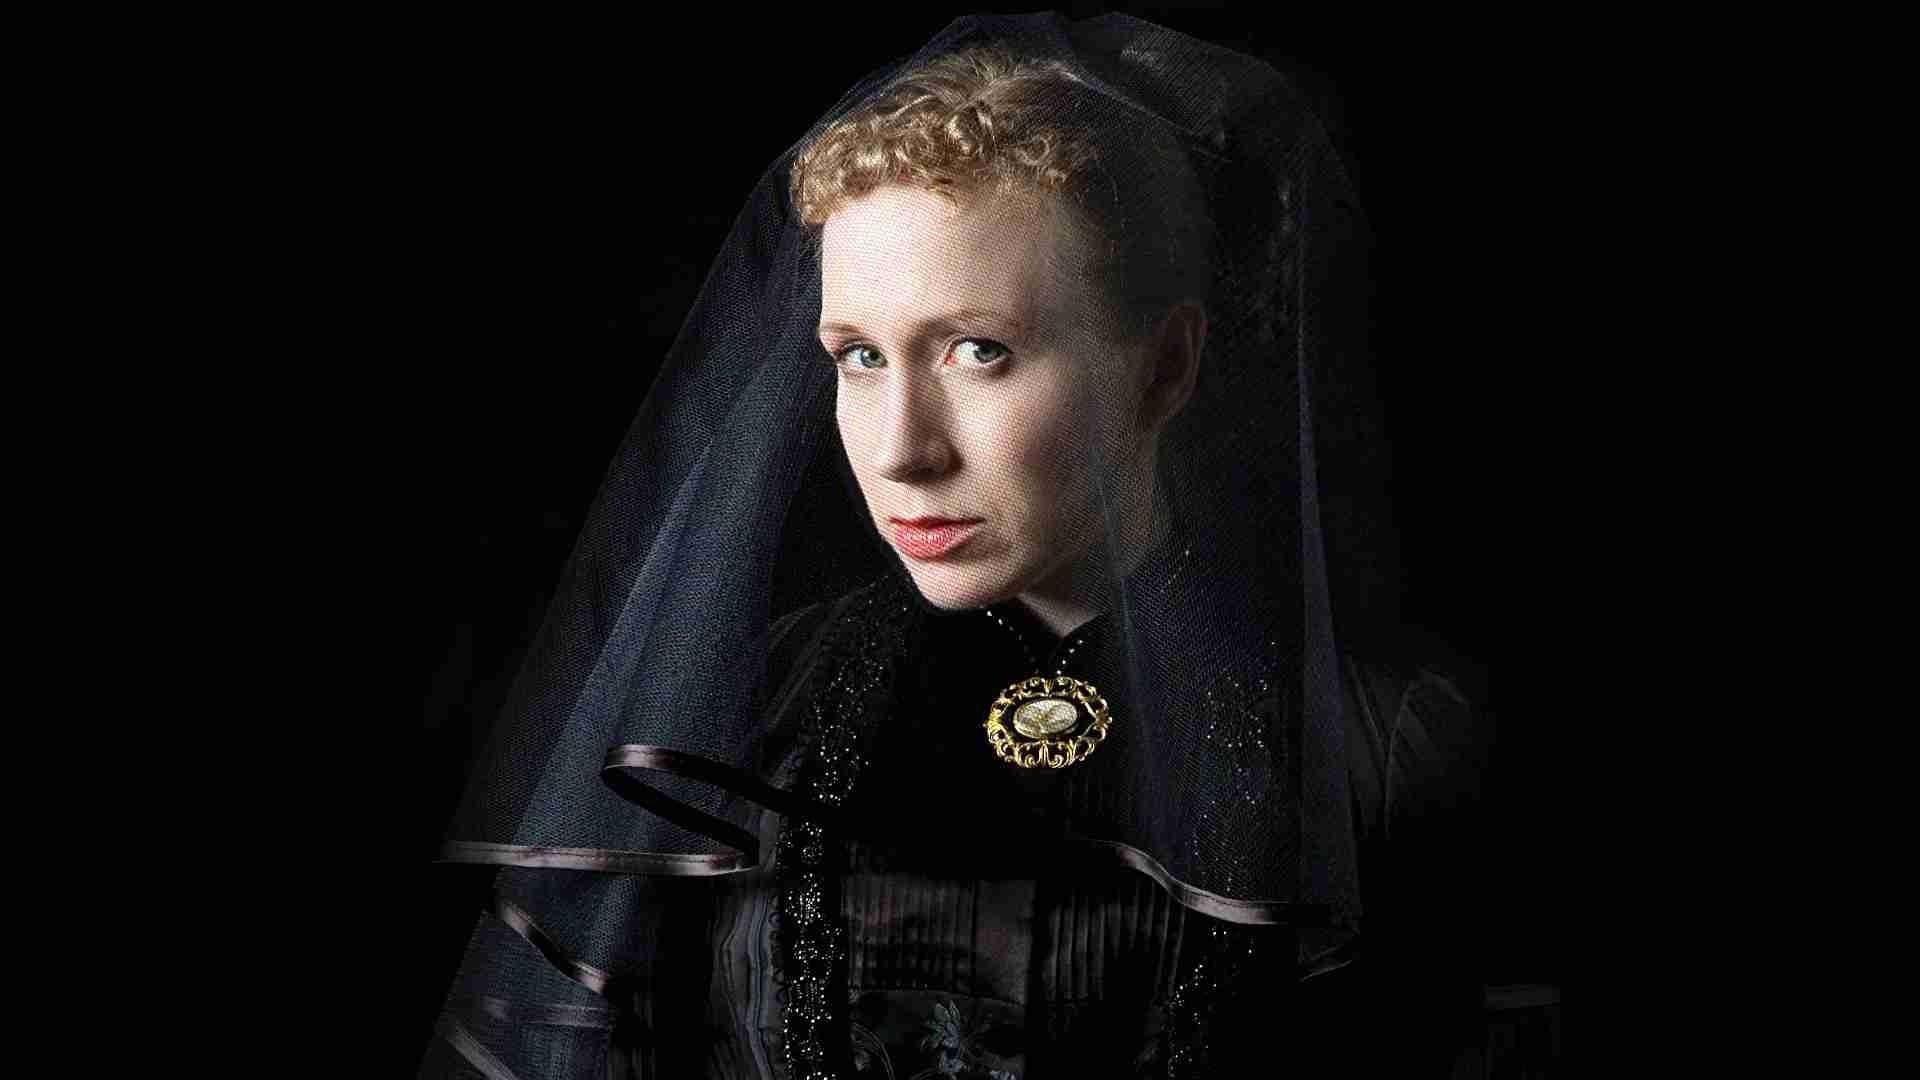 Female Gothic Promotional Image